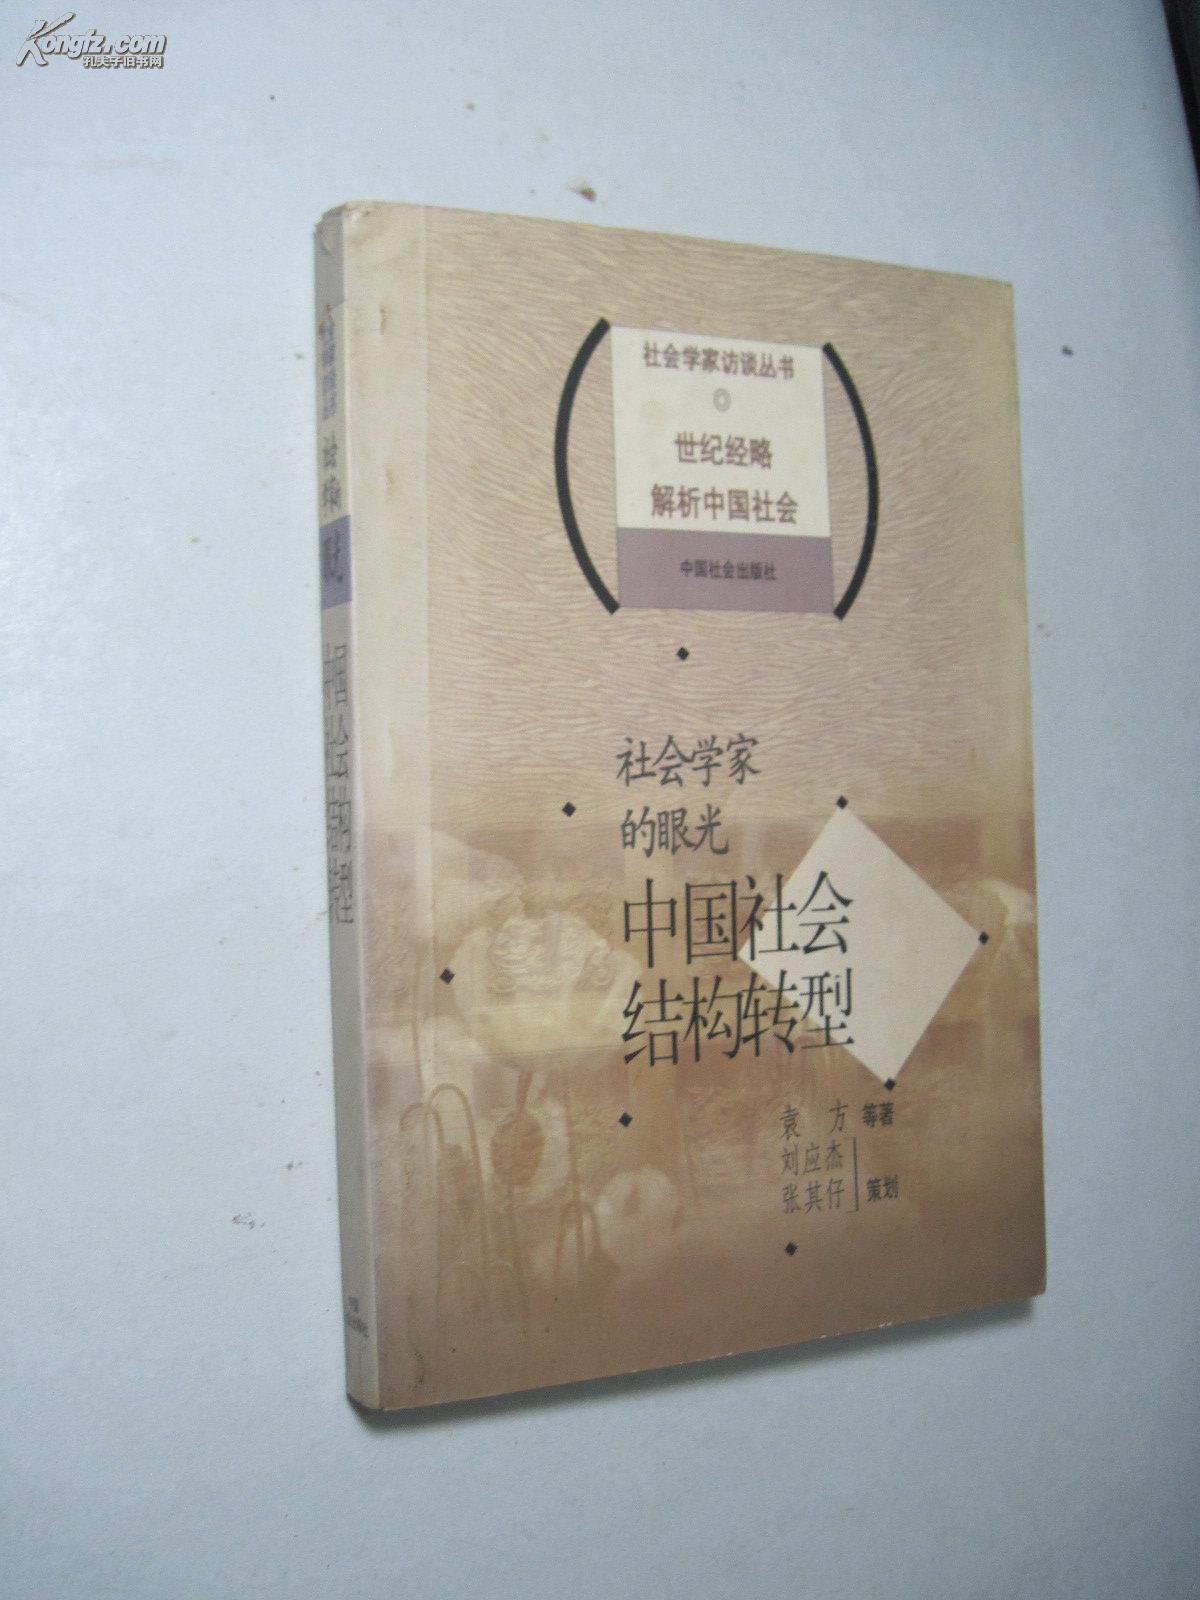 【图】社会学家的眼光——中国社会结构转型